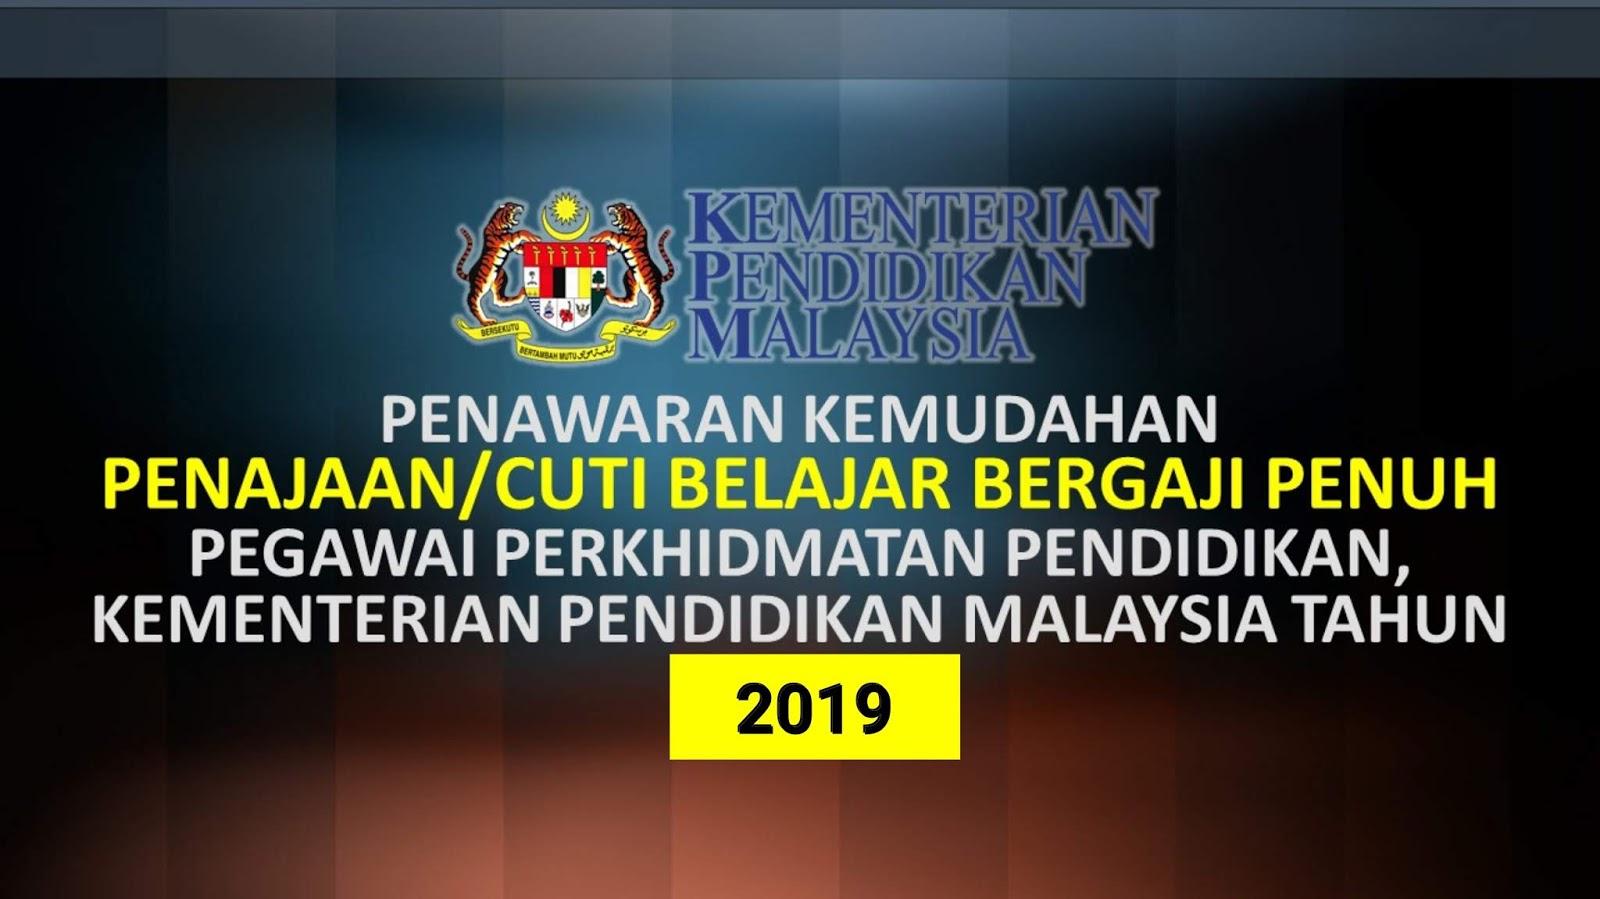 Tawaran Kemudahan Penajaan Cuti Belajar Bergaji Penuh Pegawai Perkhidmatan Pendidikan Kpm 2019 Berita Malay